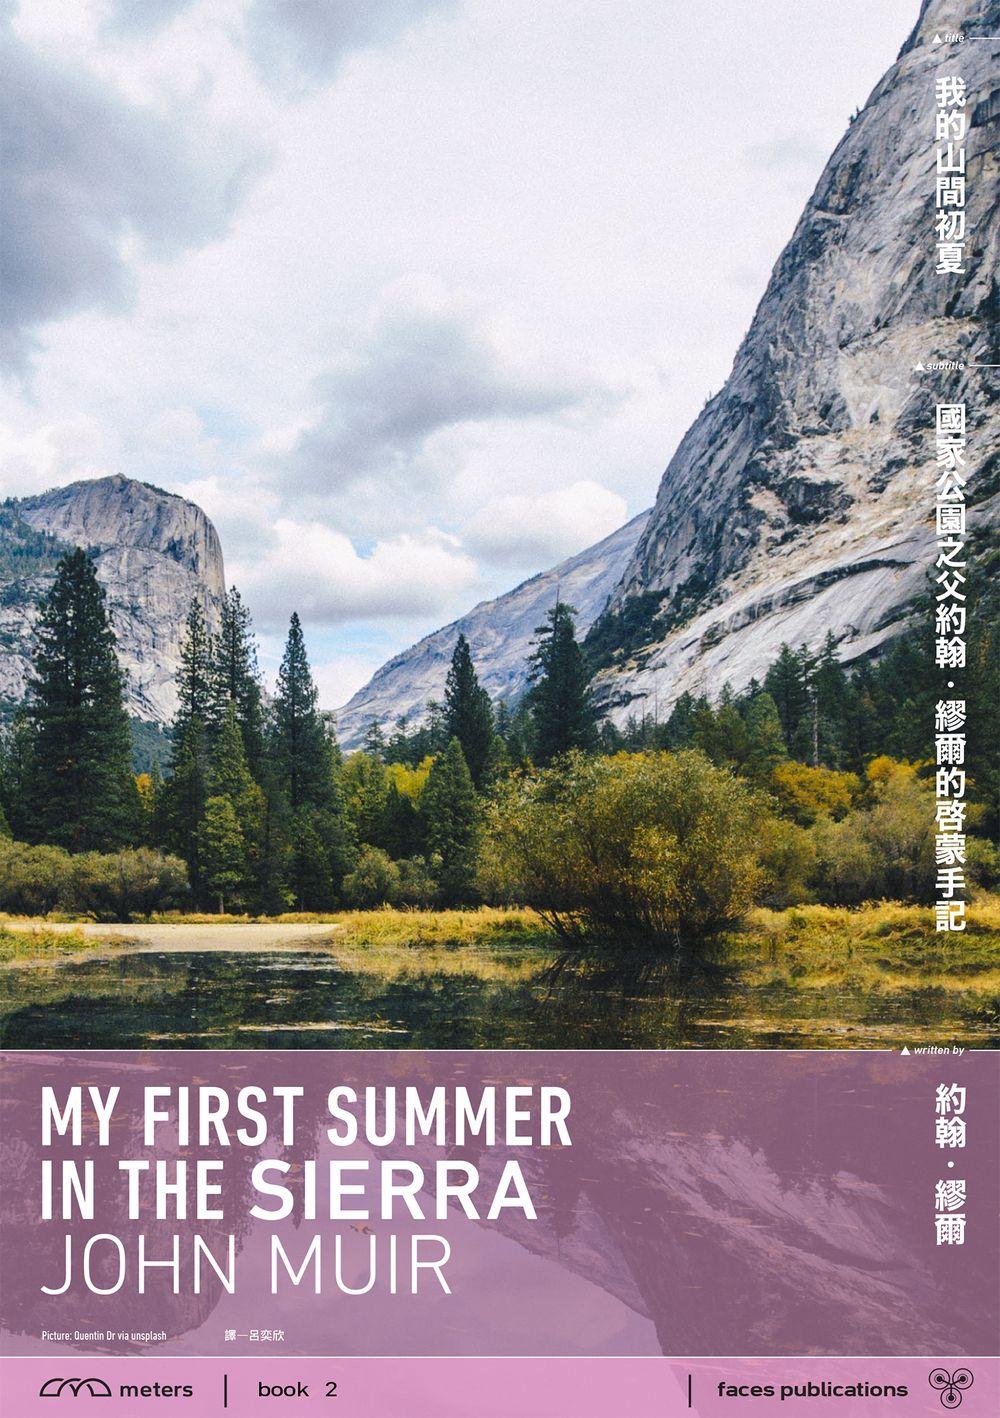 我的山間初夏:國家公園之父約翰.繆爾的啟蒙手記(收錄《故道》、《心向群山》作者羅伯特.麥克法倫專文長篇導讀) (電子書)